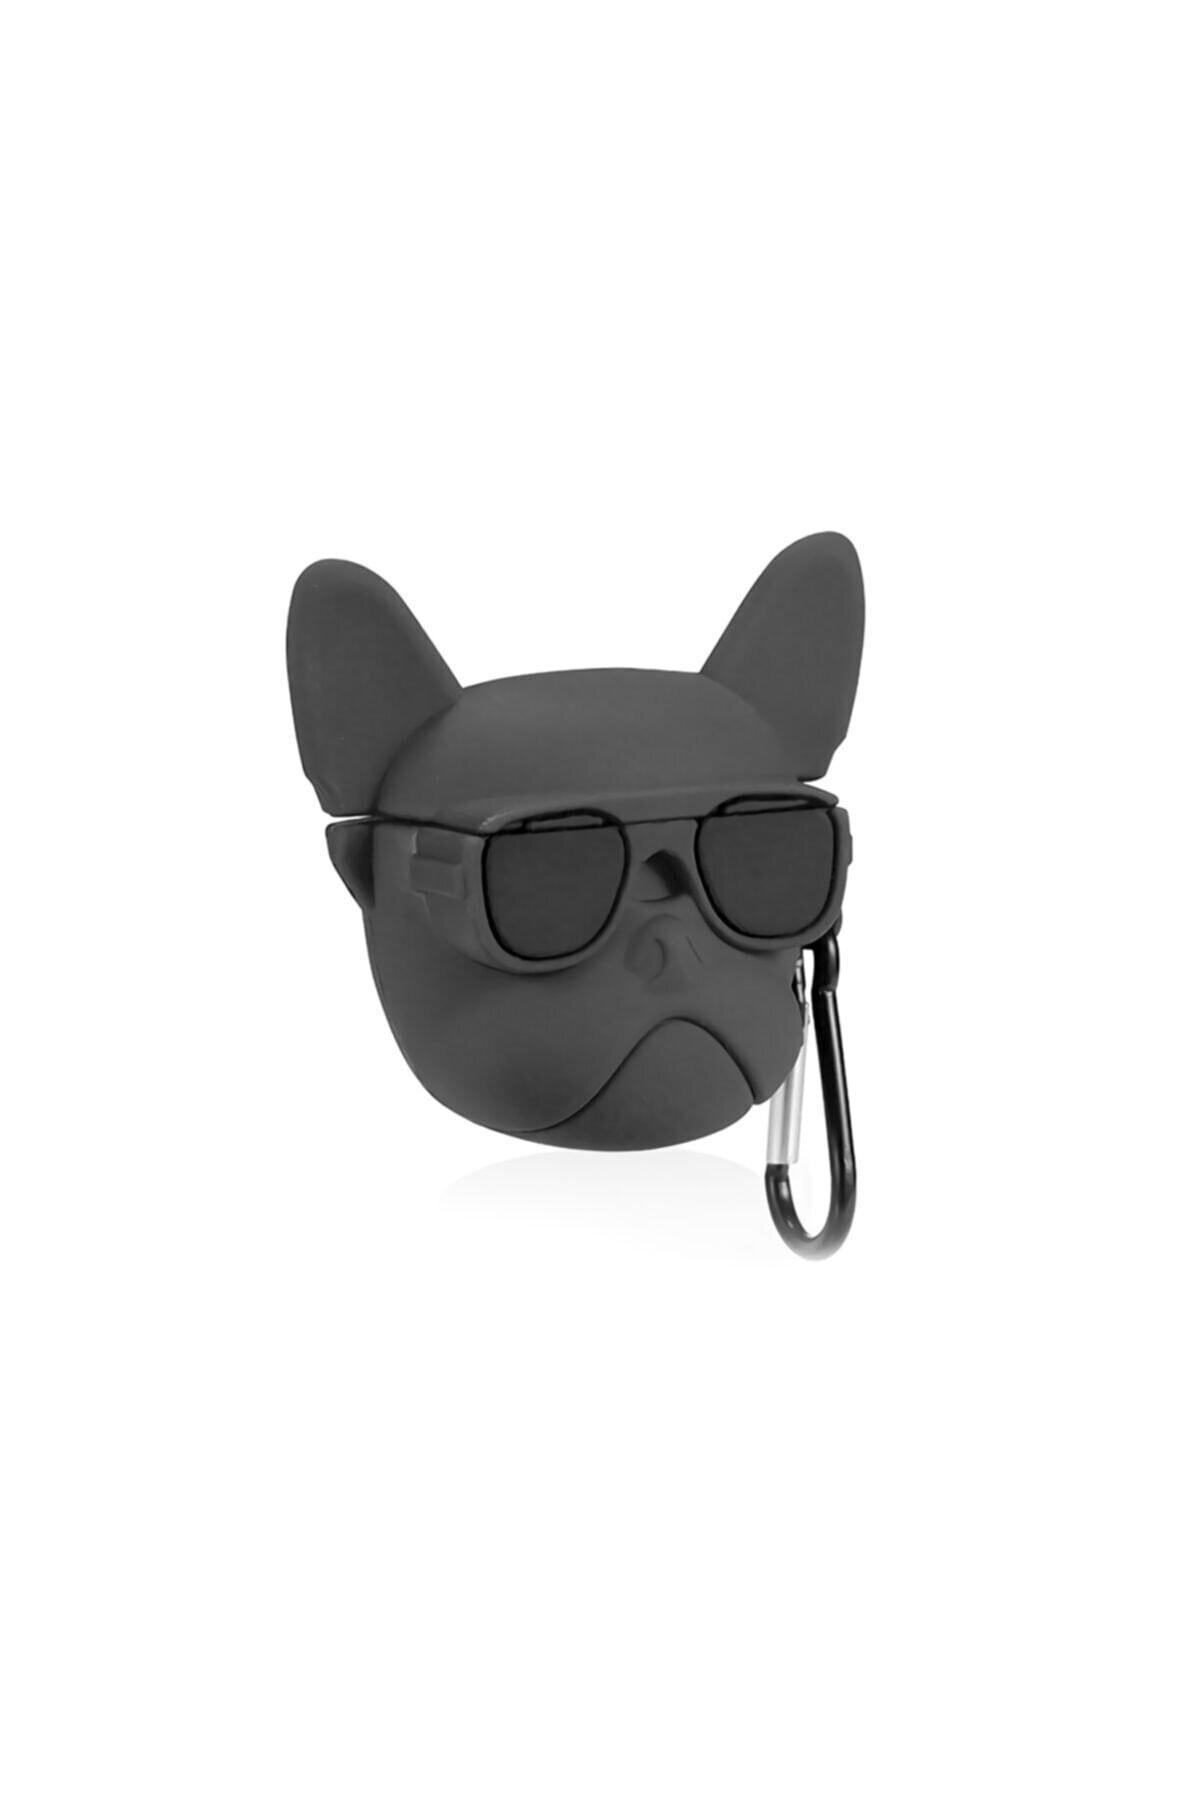 Playseba Airpods 1 ve 2 Uyumlu French Bulldog Köpek Koruyucu Kılıf 2